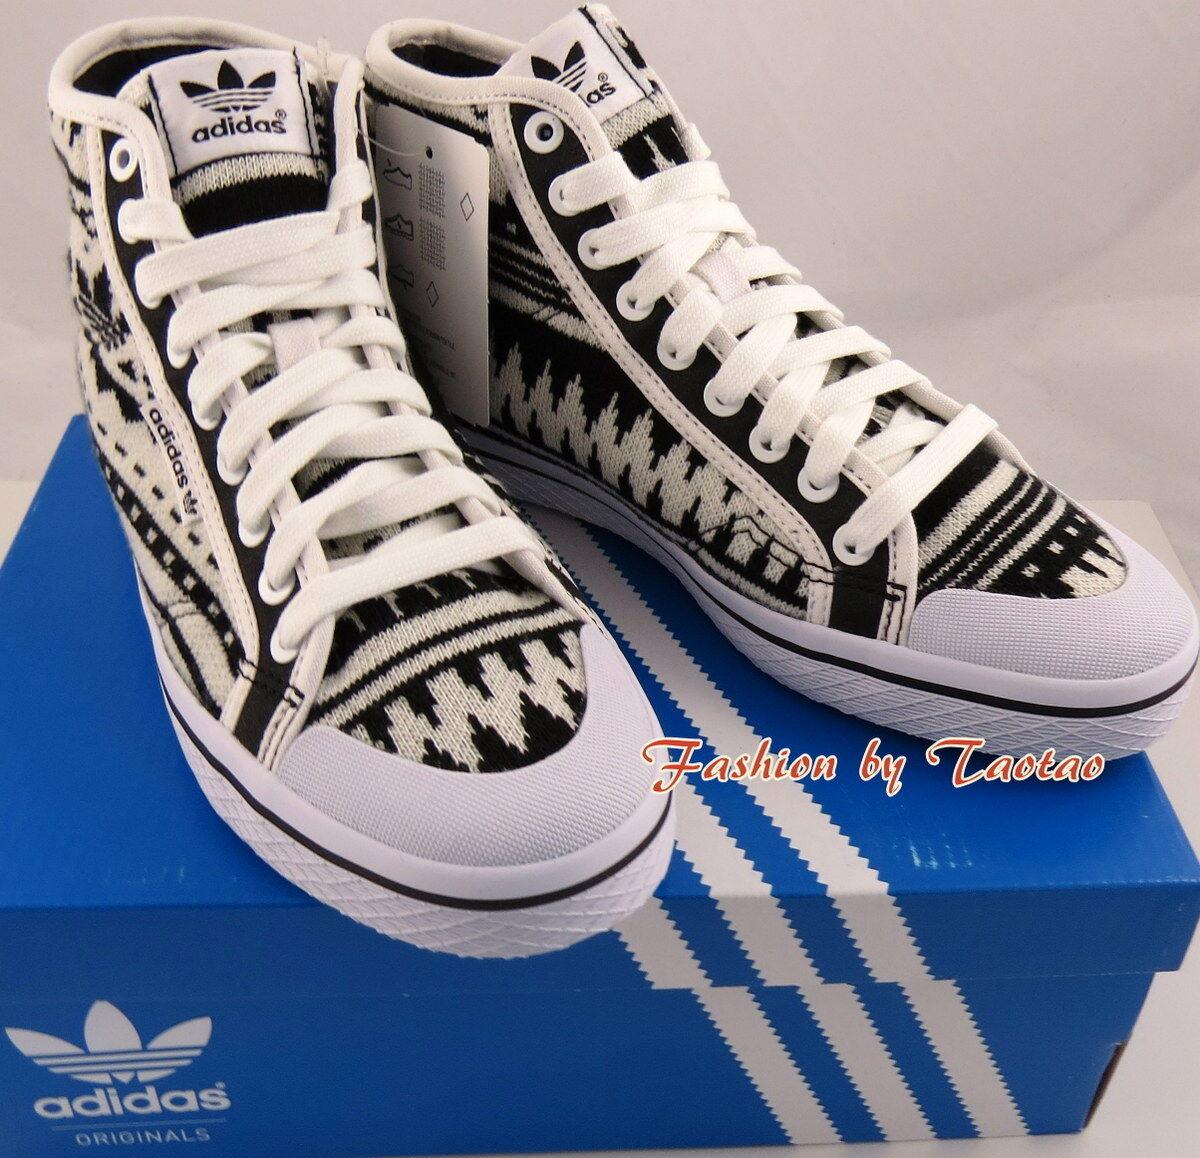 new ef in box adidas g95728 frauen original schatz mitte ef new - klee - schuhe 0c7d52